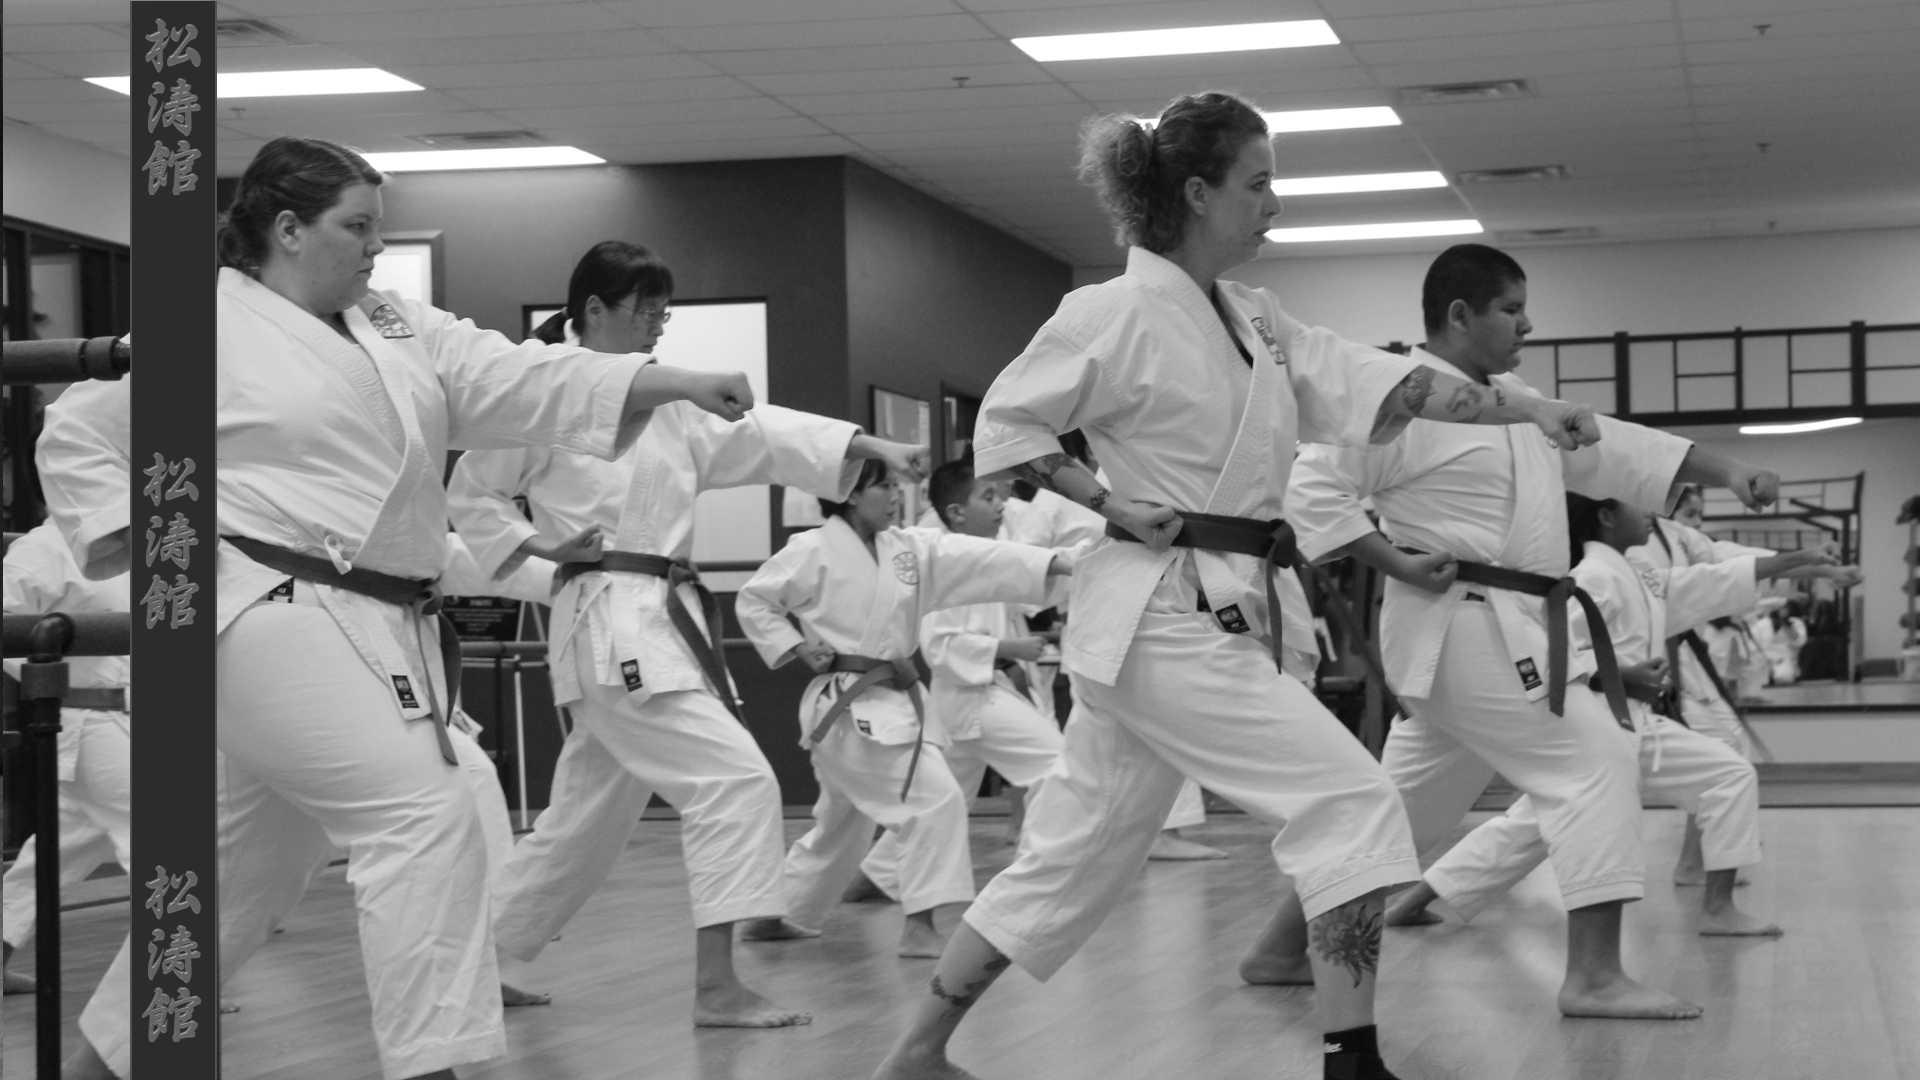 Nevada Shotokan Karate